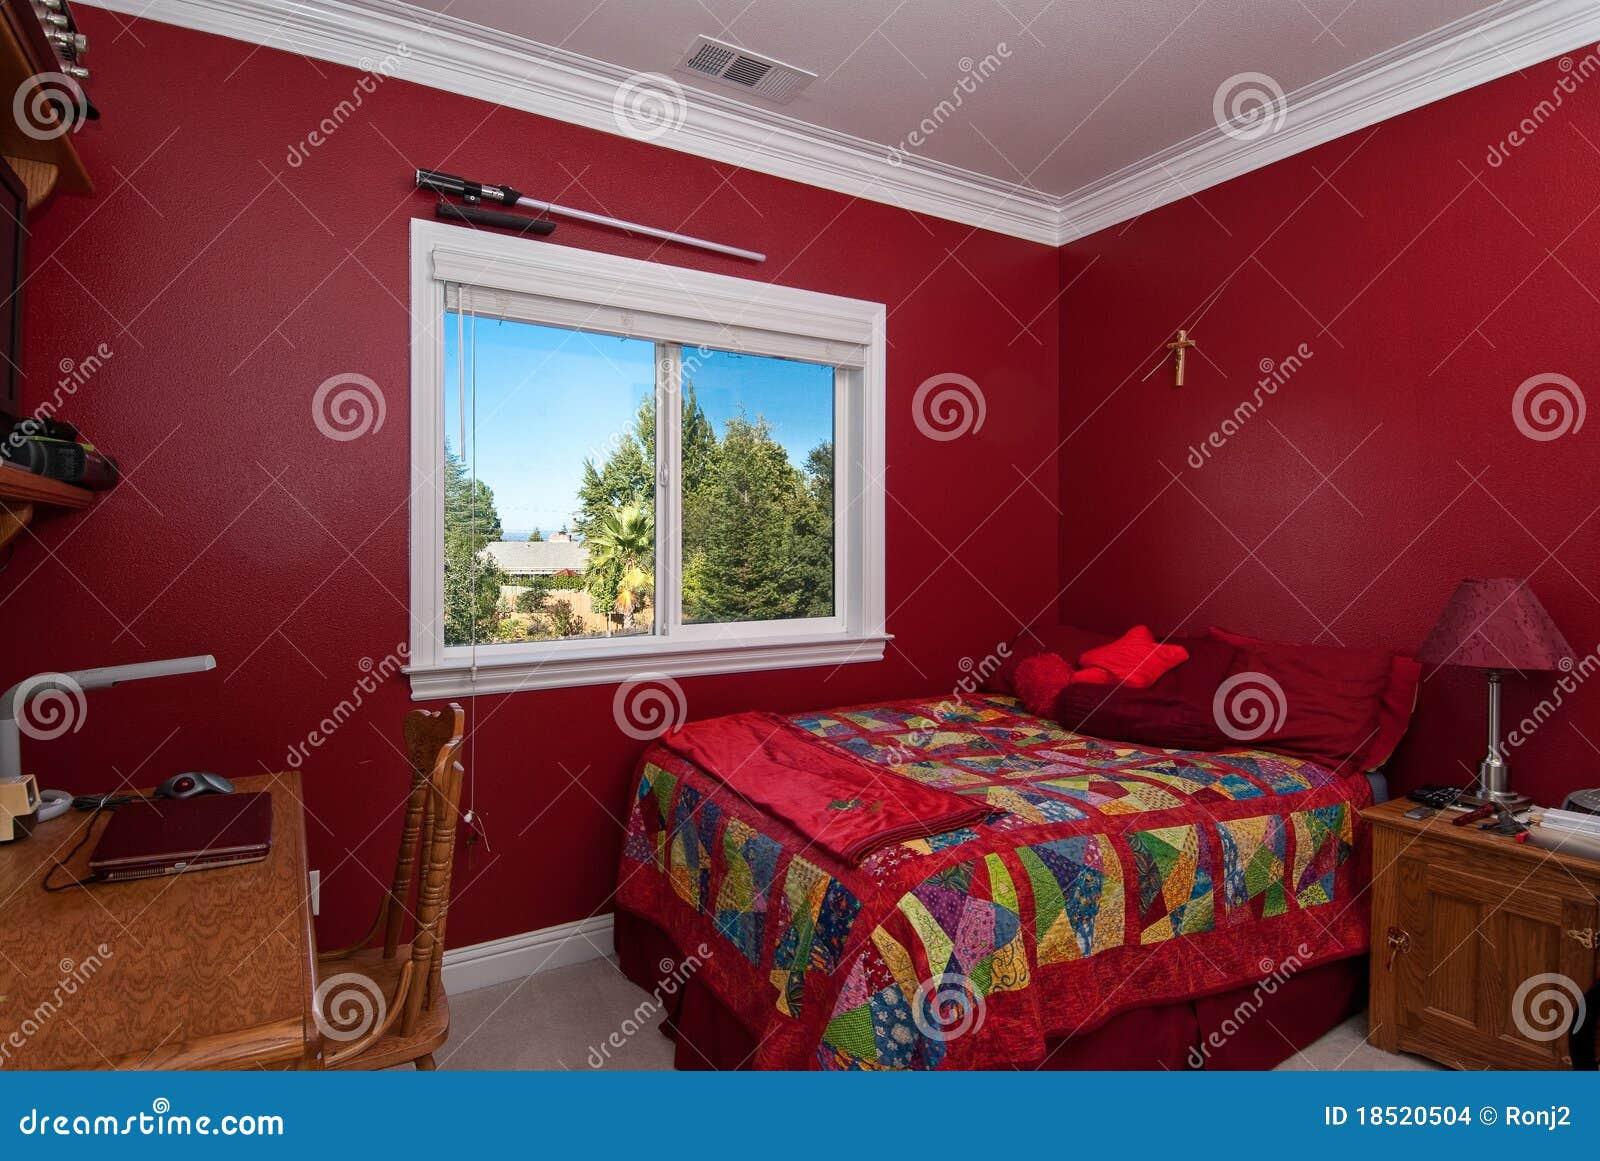 Dormitorio Rojo ~ Dormitorio Rojo Imagenes de archivo Imagen 18520504